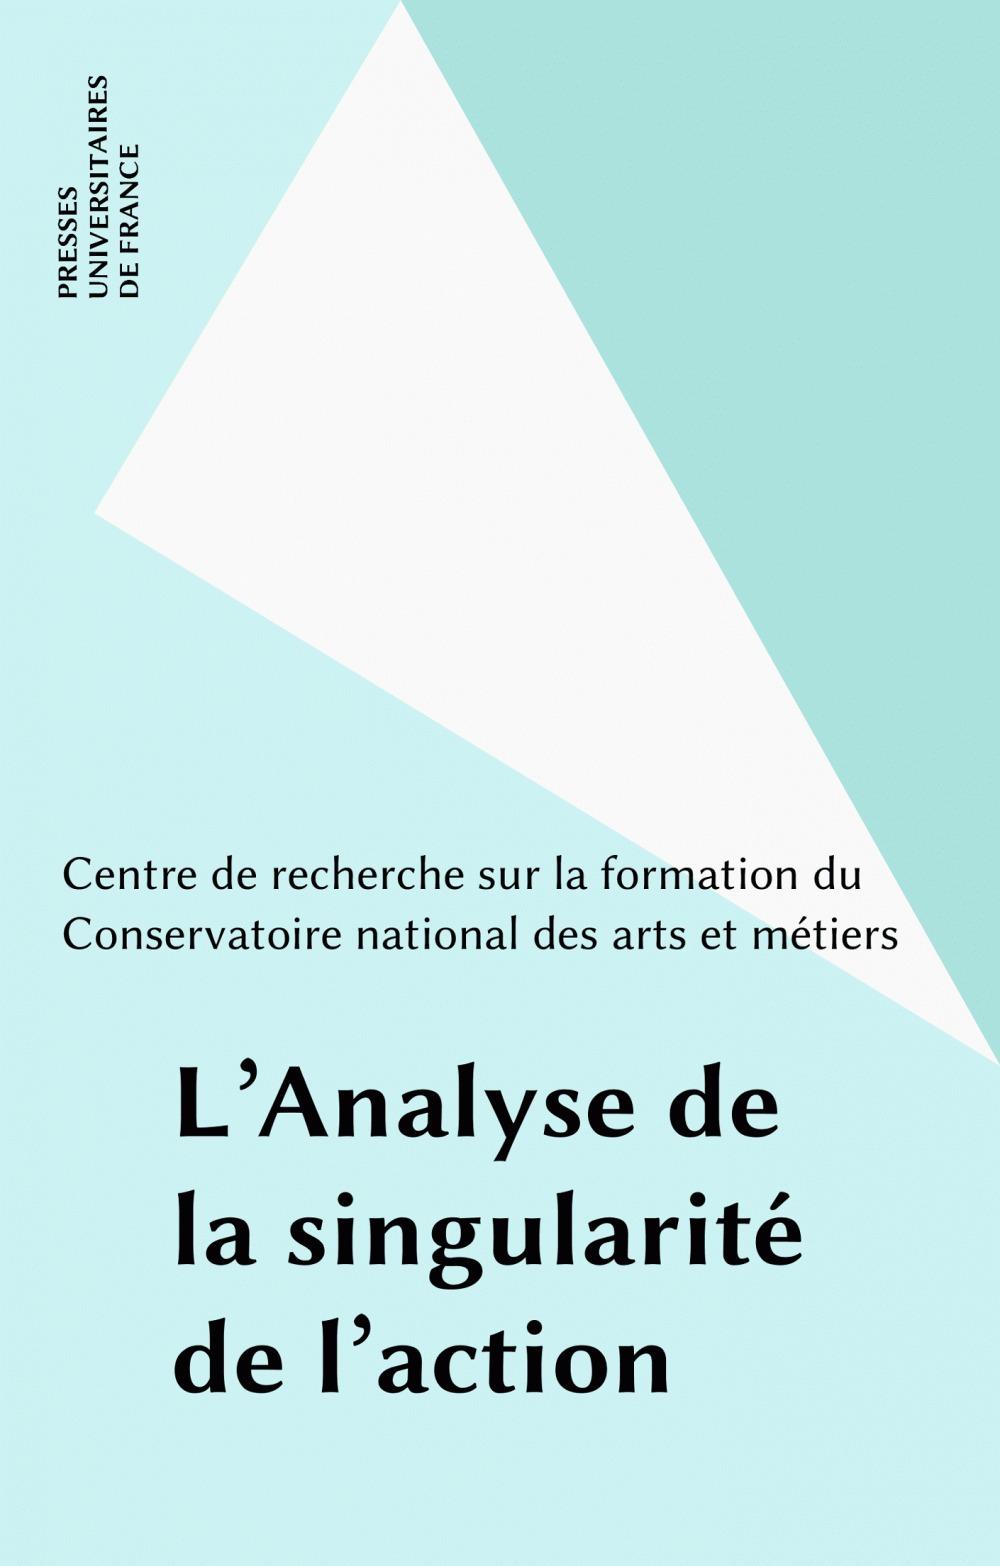 L'analyse de la singularite de l'action - seminaire du centre de recherche sur la formation - cnam